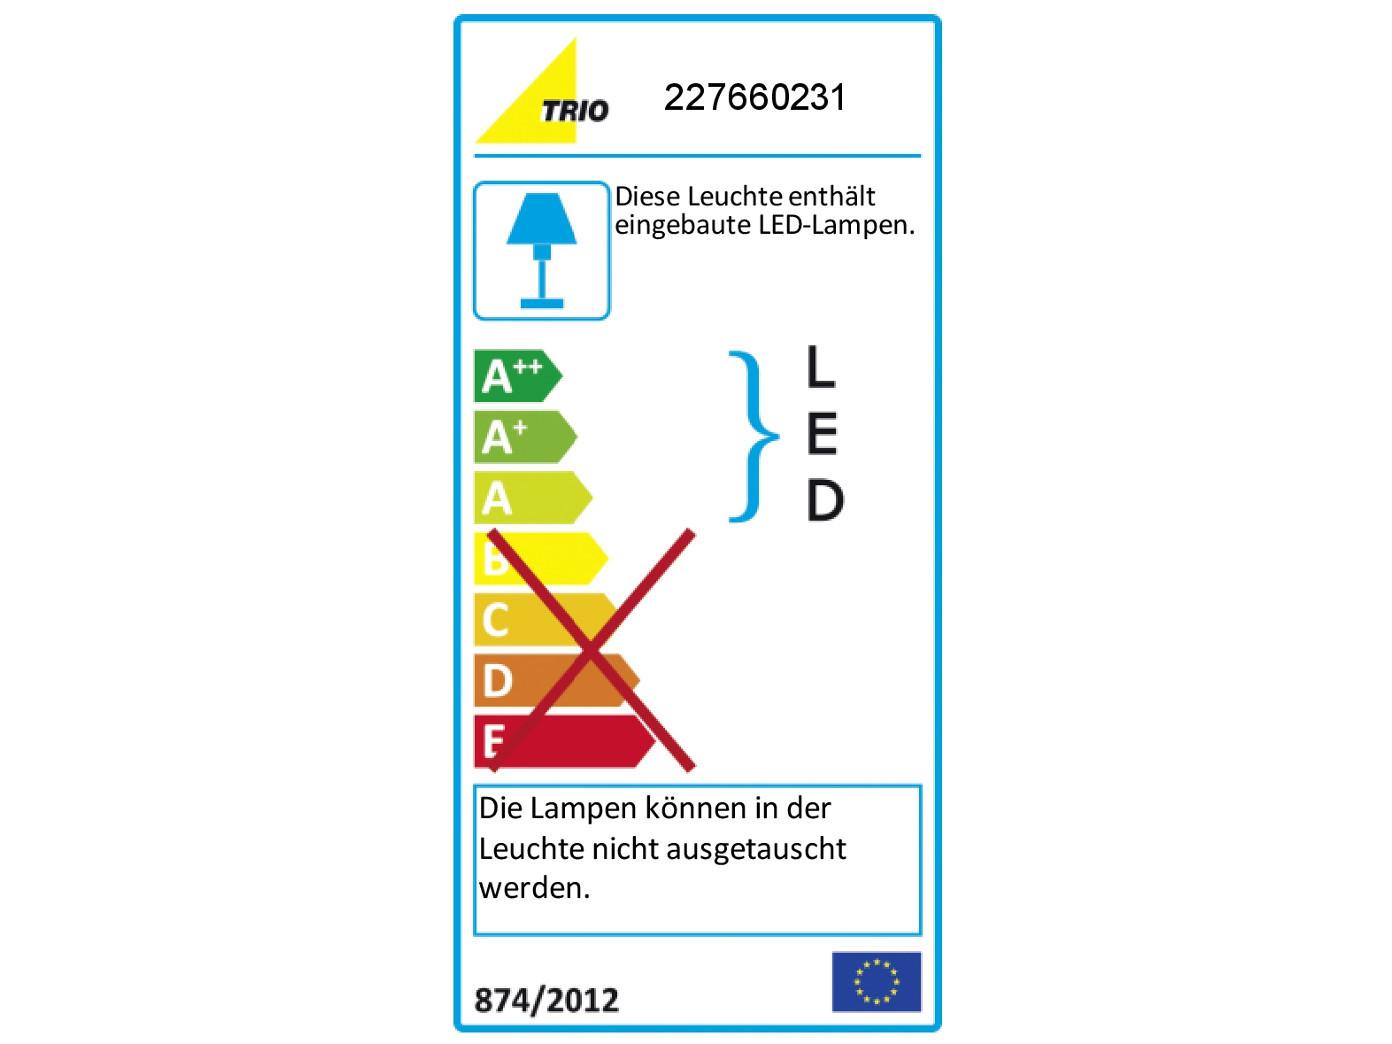 2er Set Trio LED Uplight Uplight Uplight Downlight Wandlampen weiß, Wandleuchten außen innen 855e9e